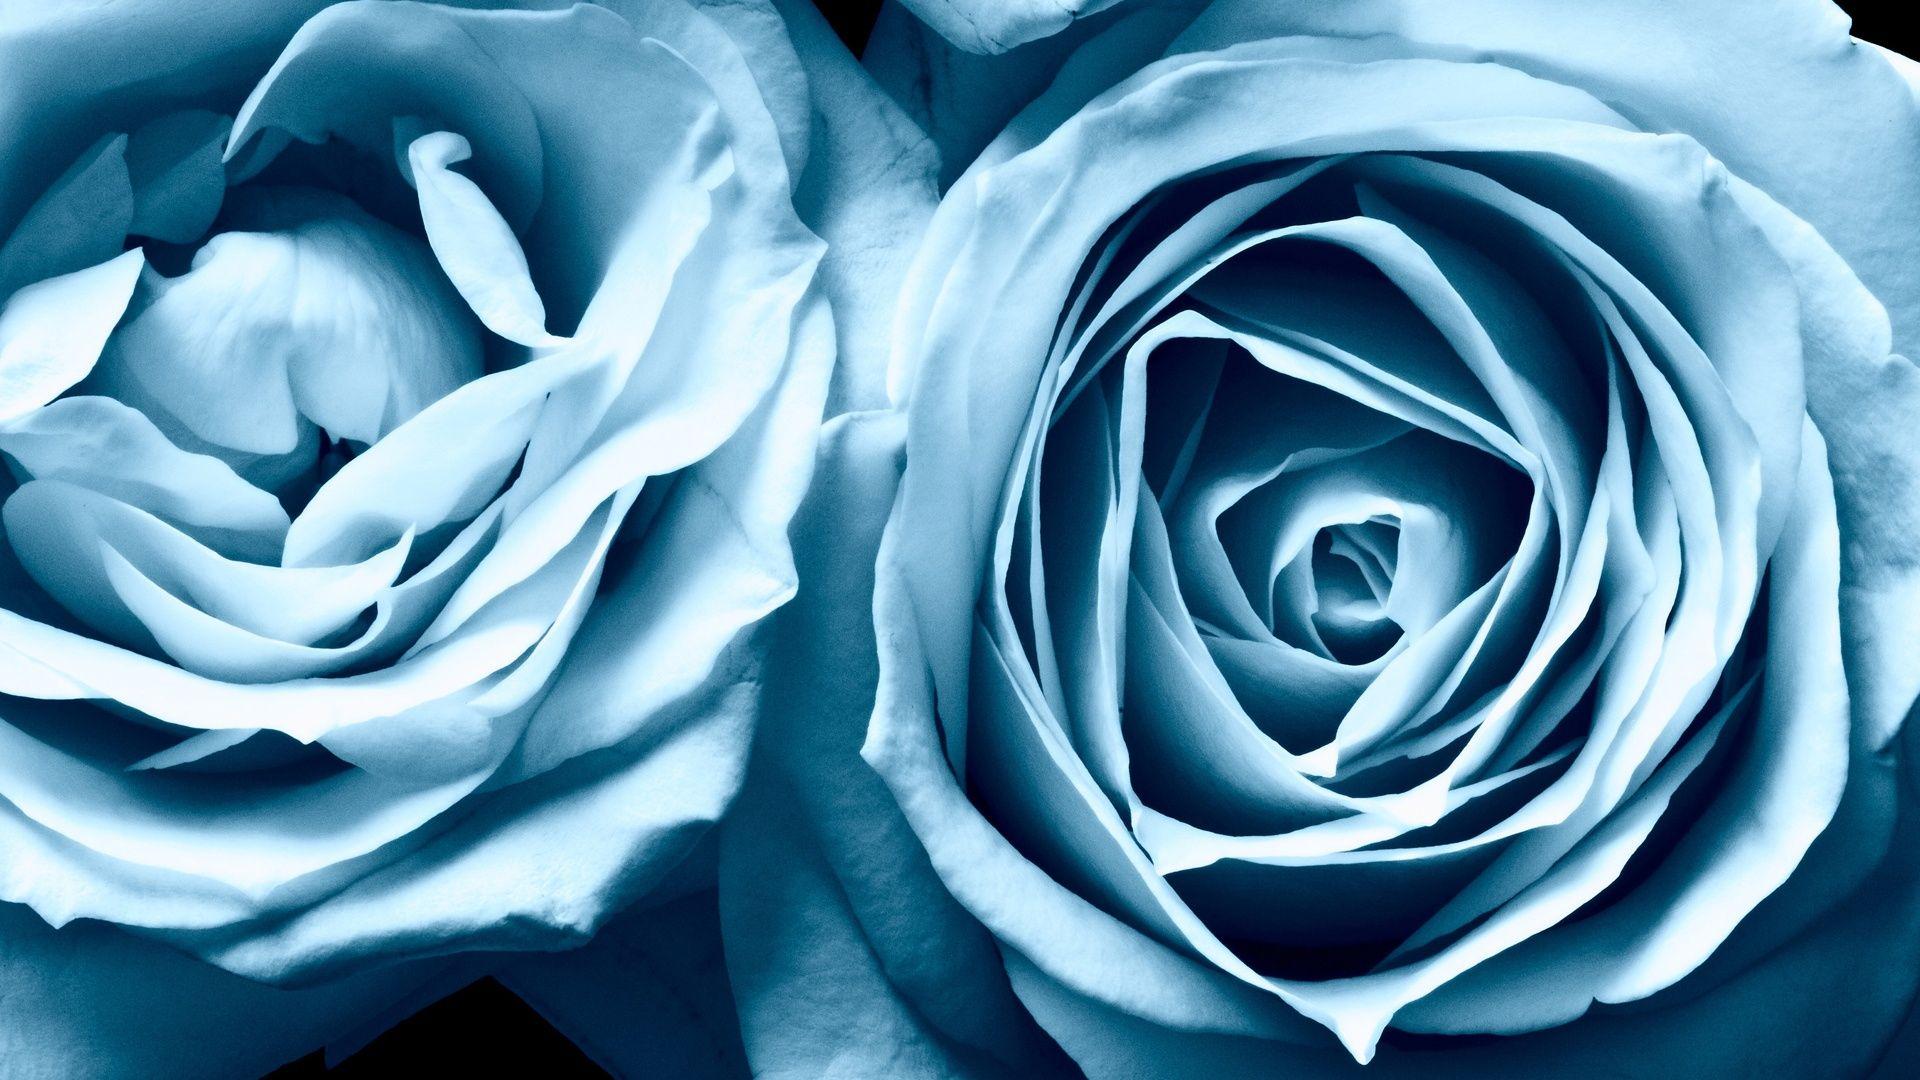 Blue Roses Blue Roses Wallpaper Blue Flower Wallpaper Blue Roses